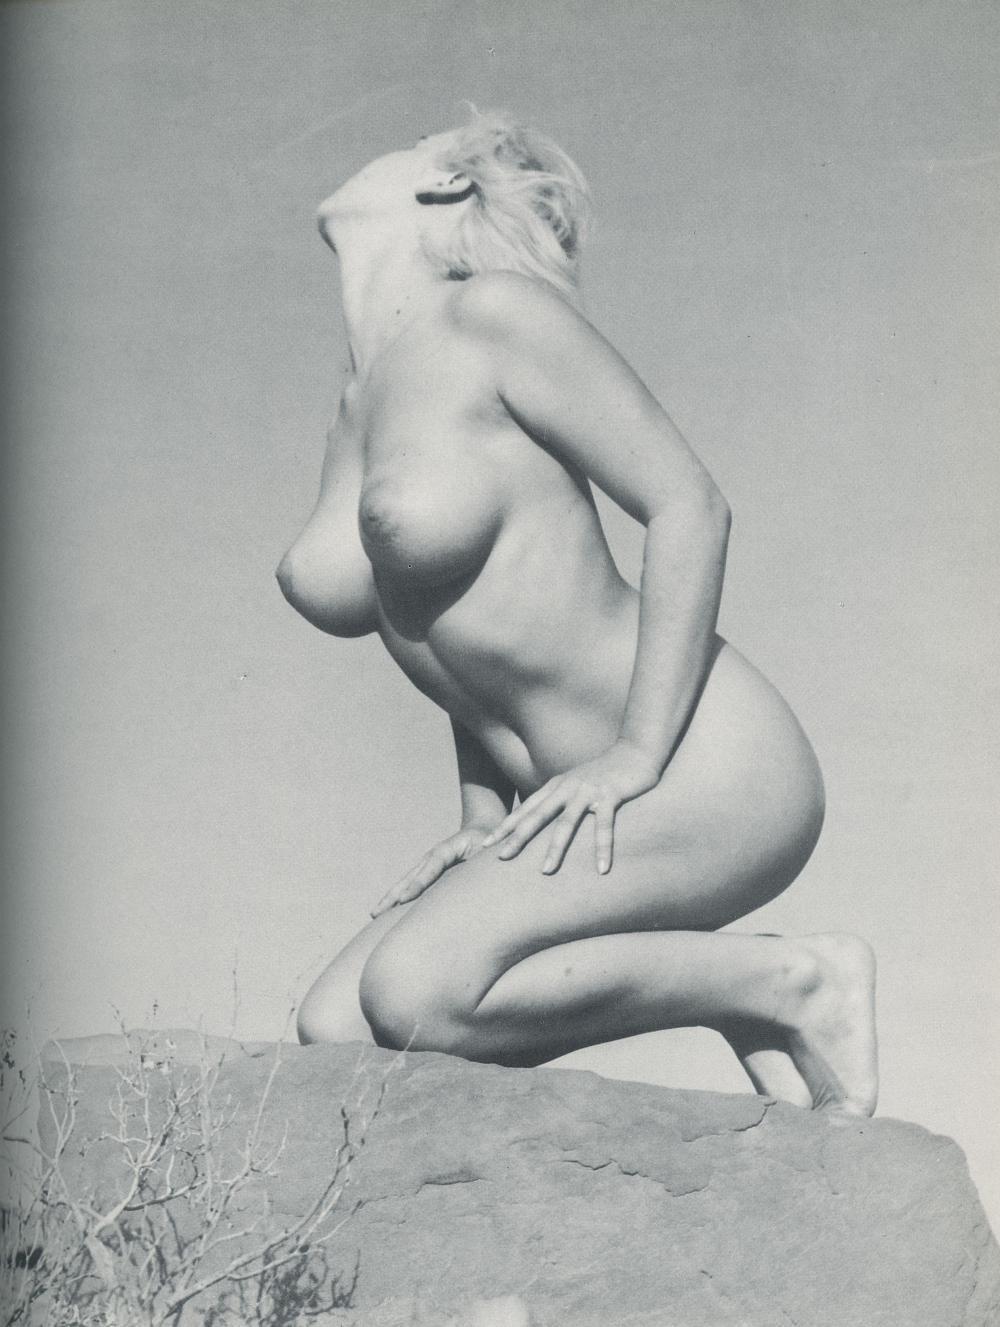 ANDRE DE DIENES, NUMBER 14, 1960S